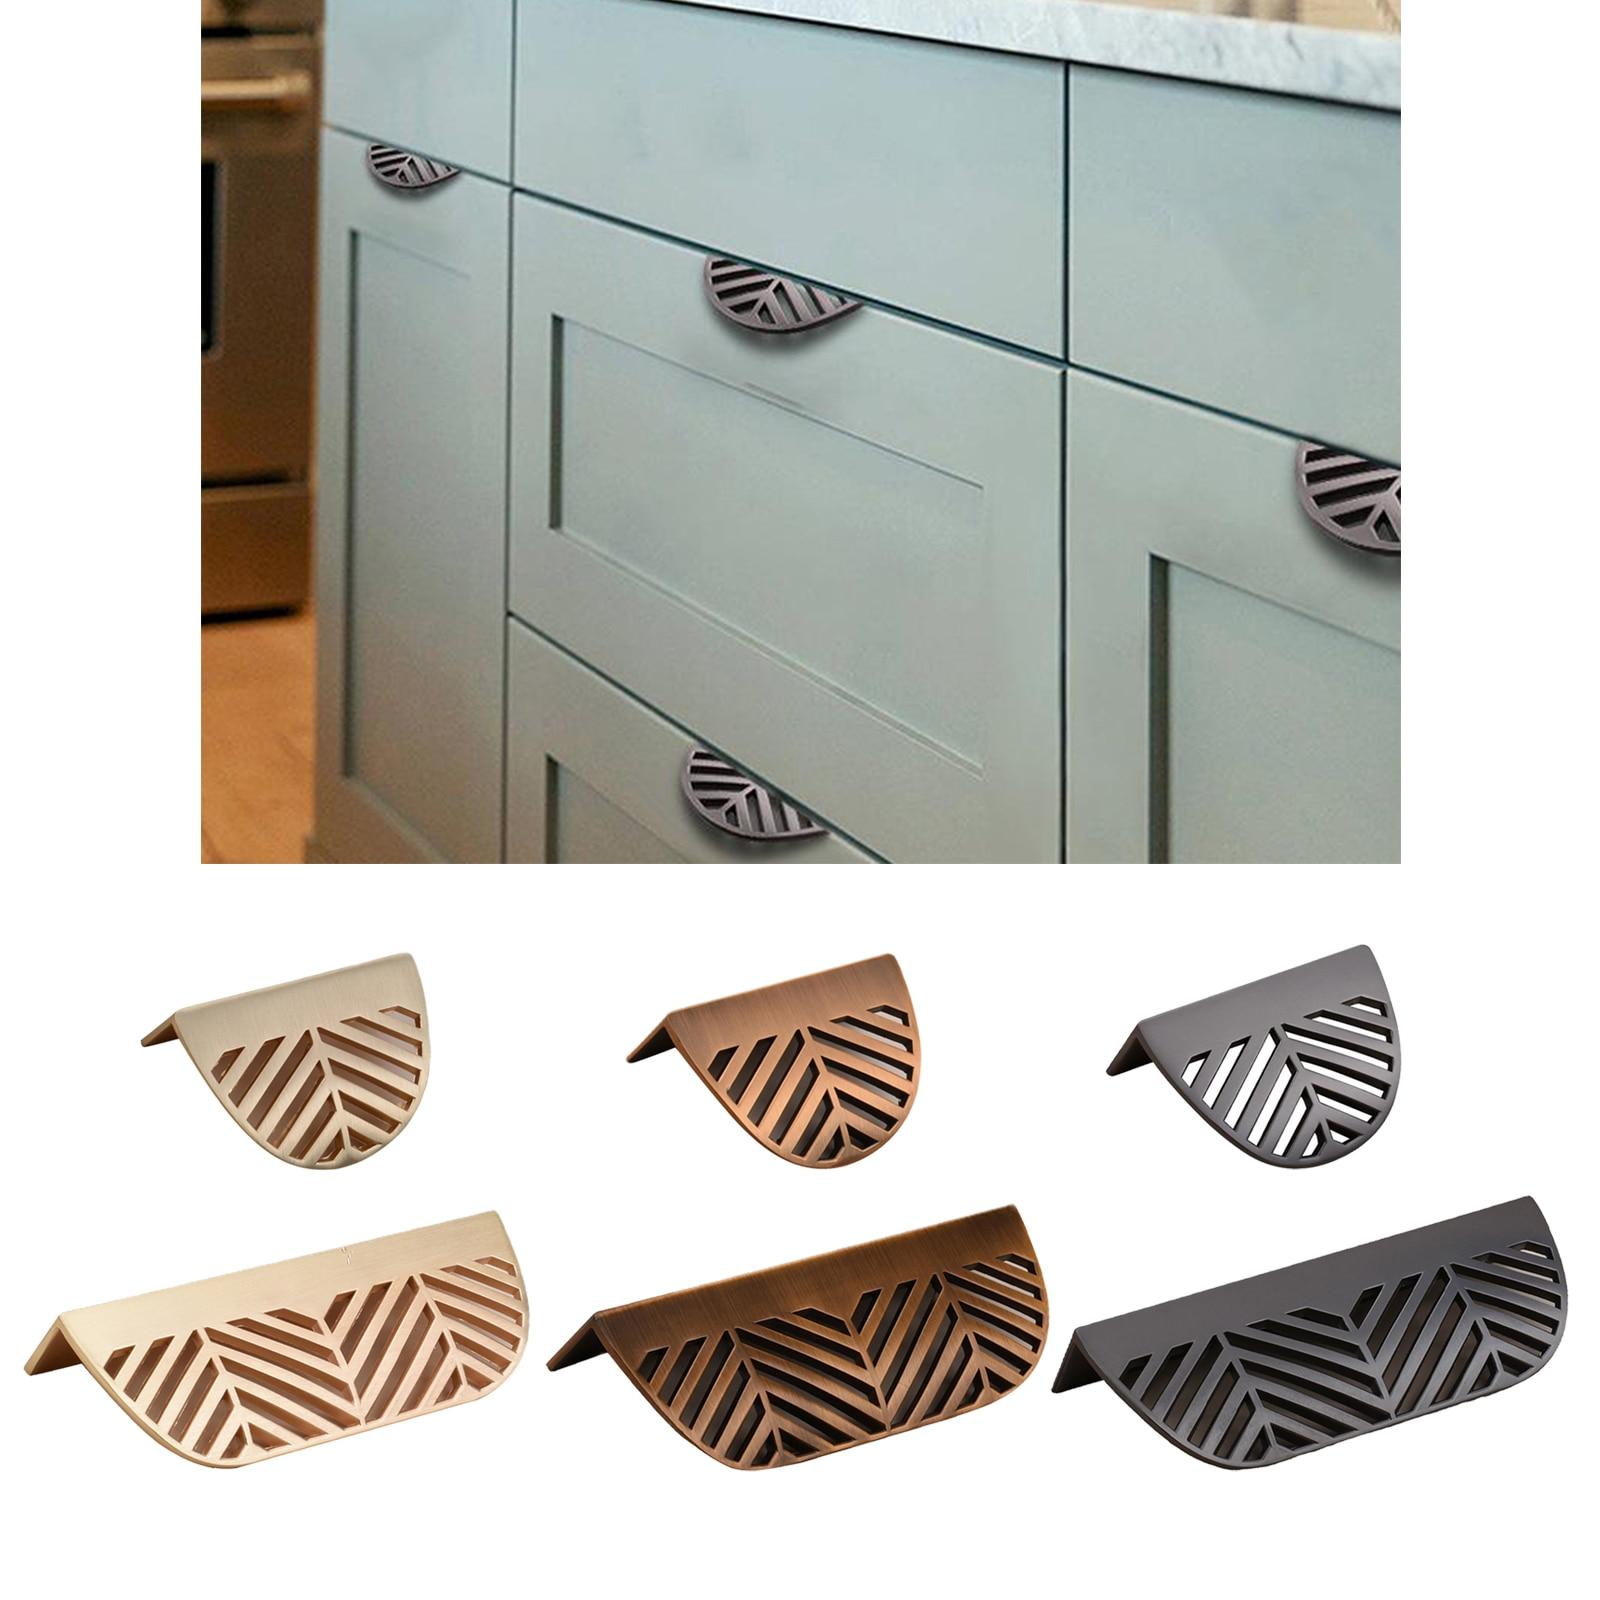 Requintado estilo vintage liga de zinco em forma de folha puxa alças nordic mobiliário doméstico puxador com parafusos de montagem